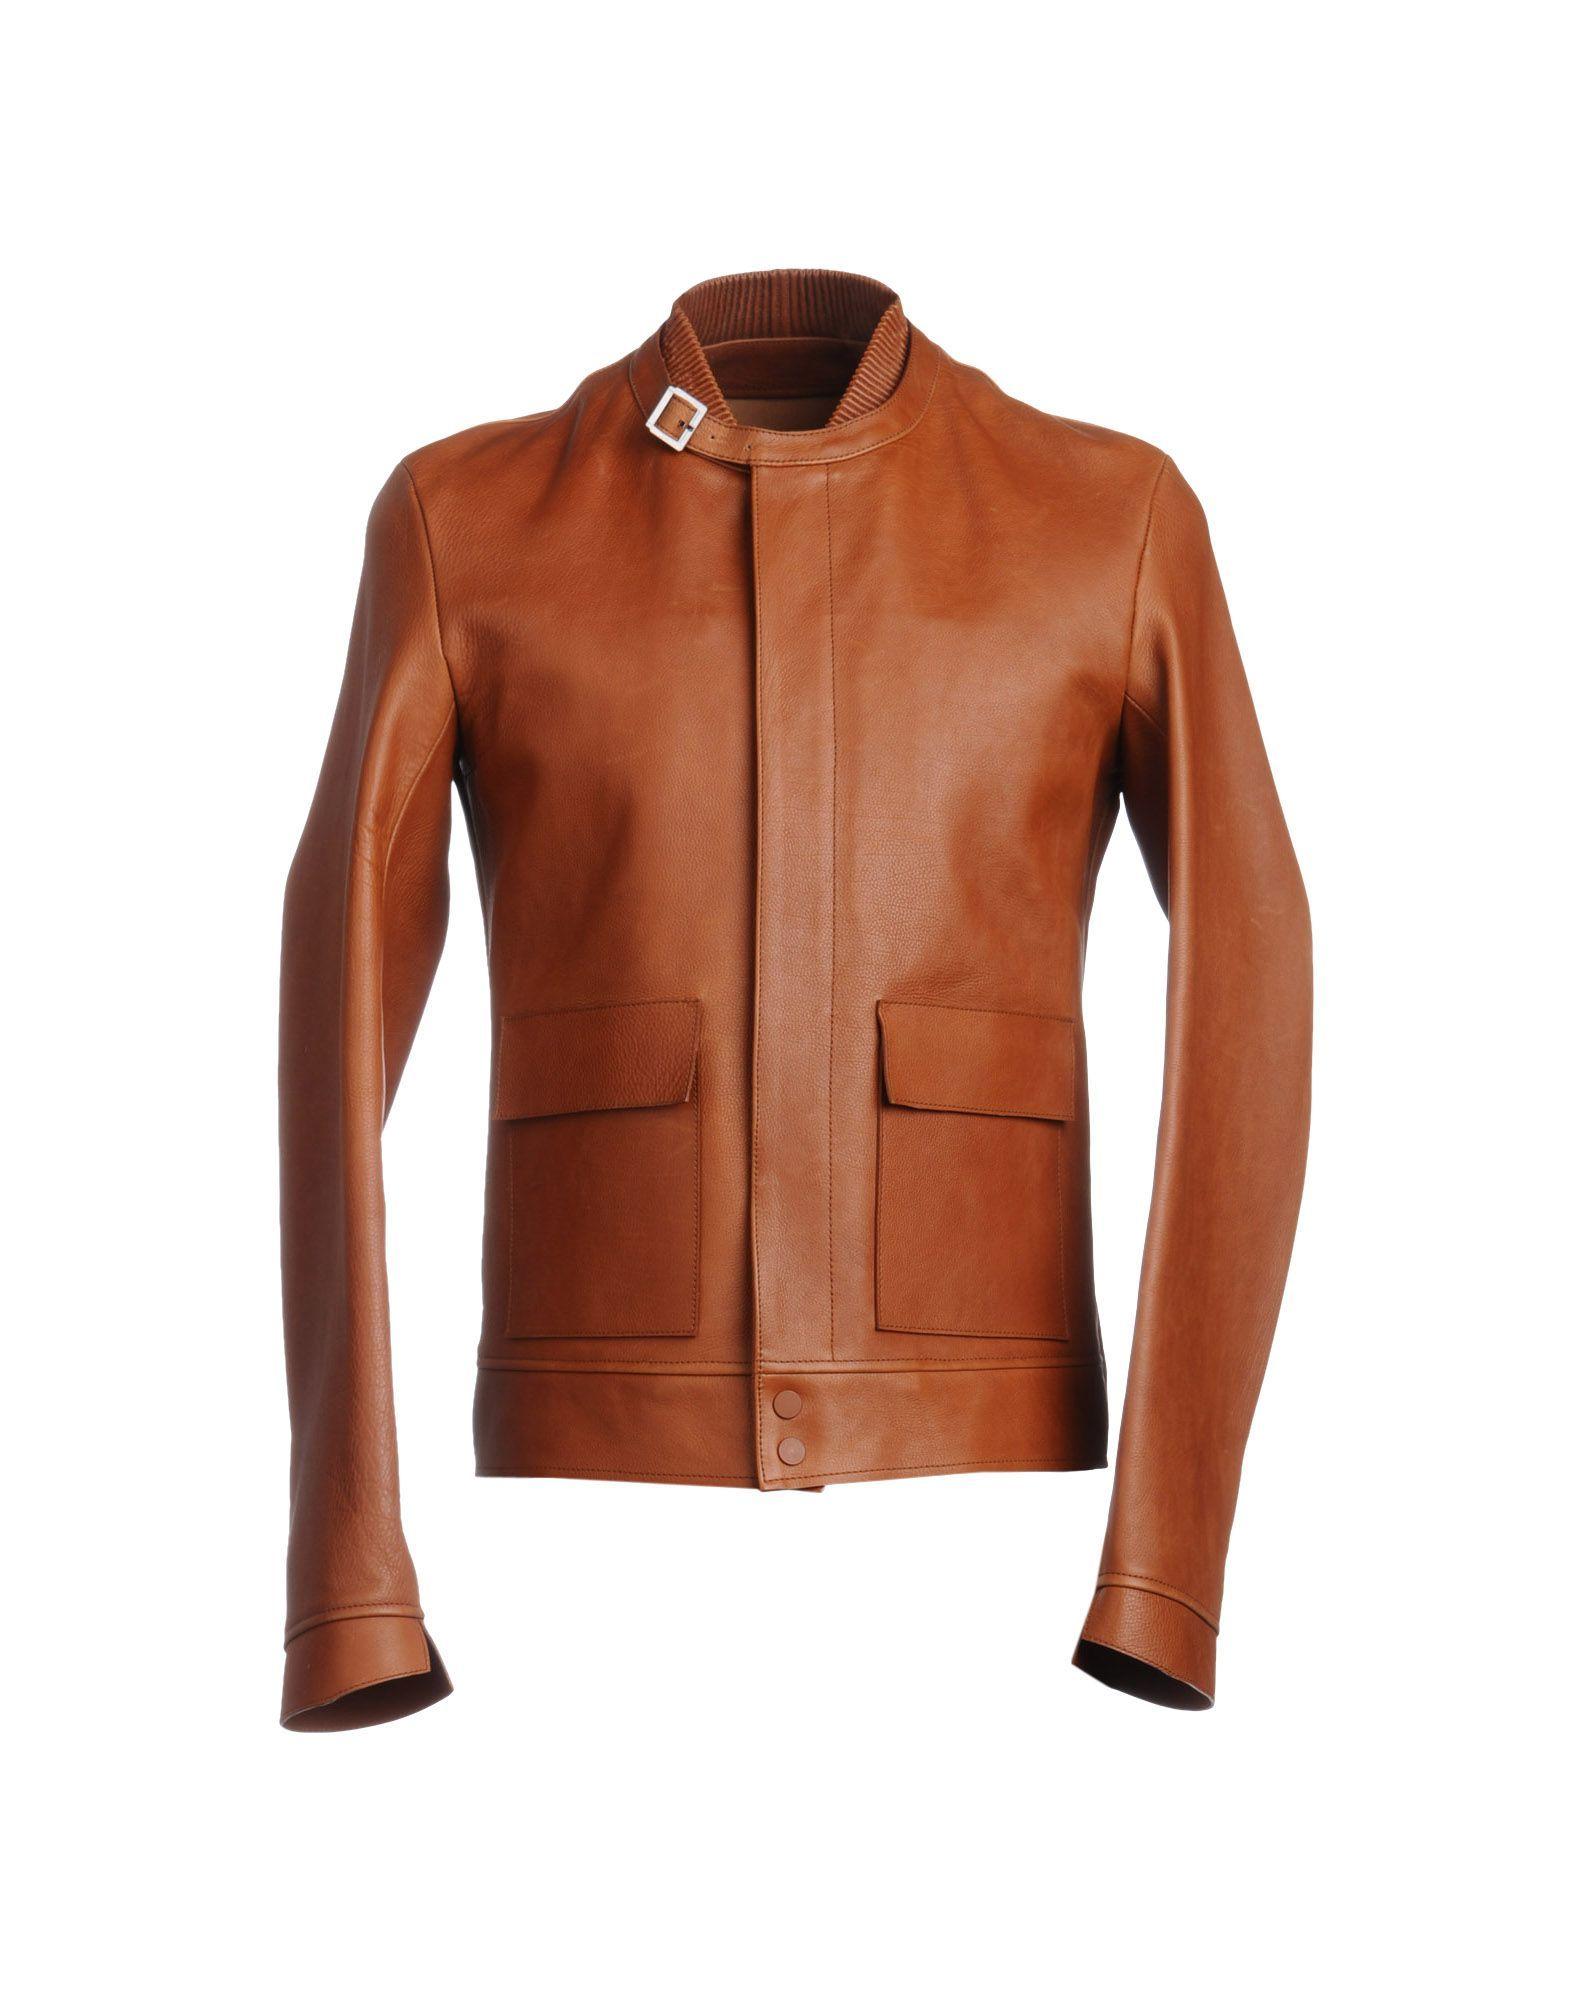 balenciaga jacket mens 2015